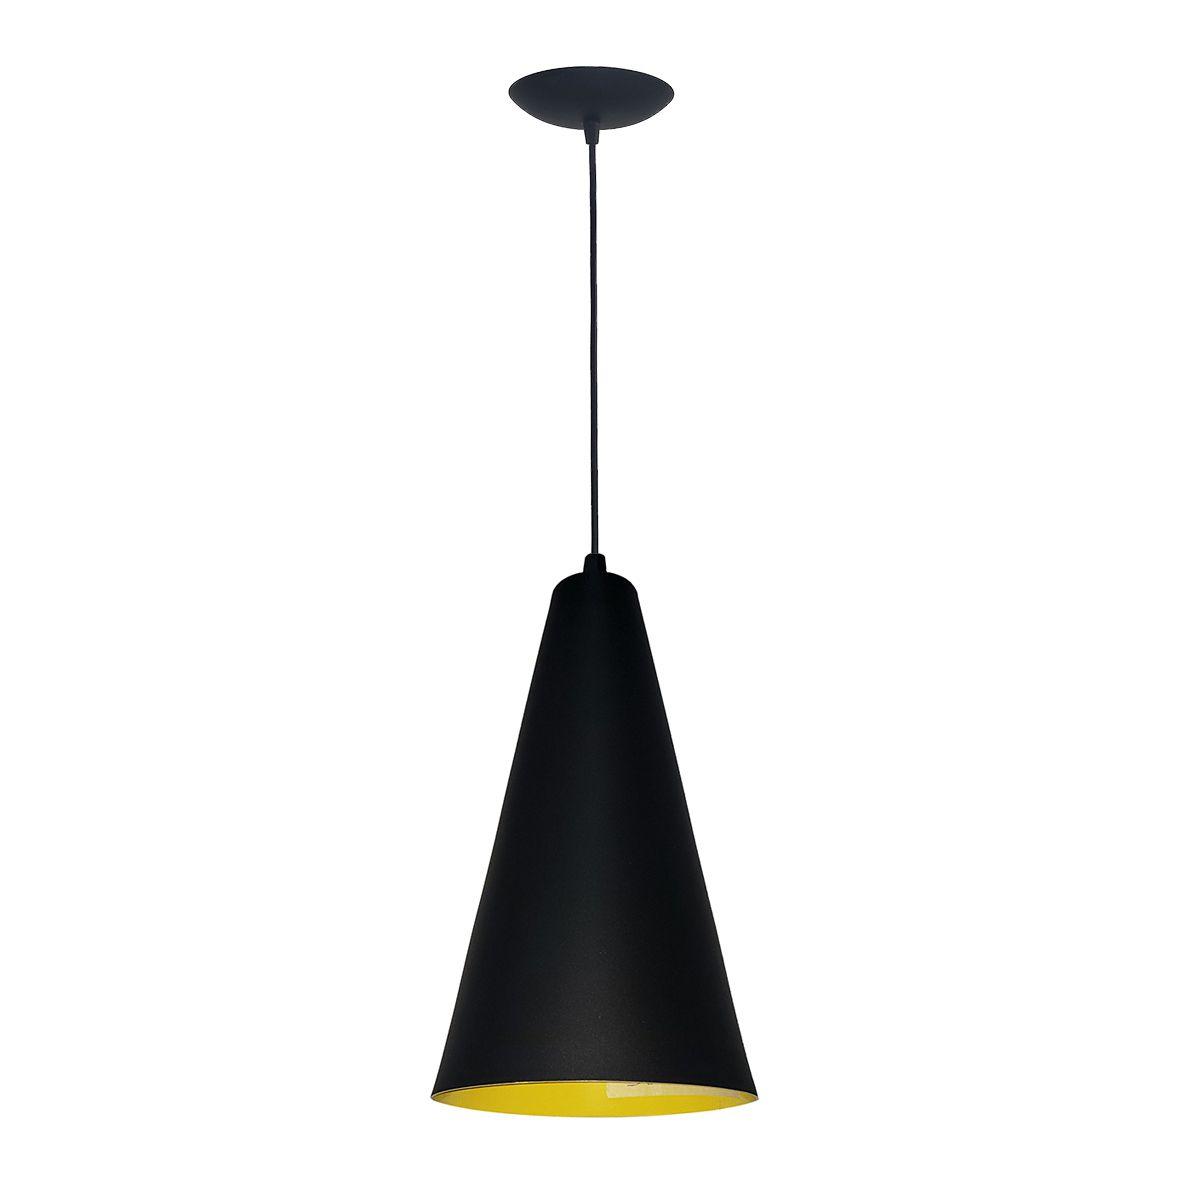 Luminária Decorativa Cônico 24 Preto/Amarelo com Pendente